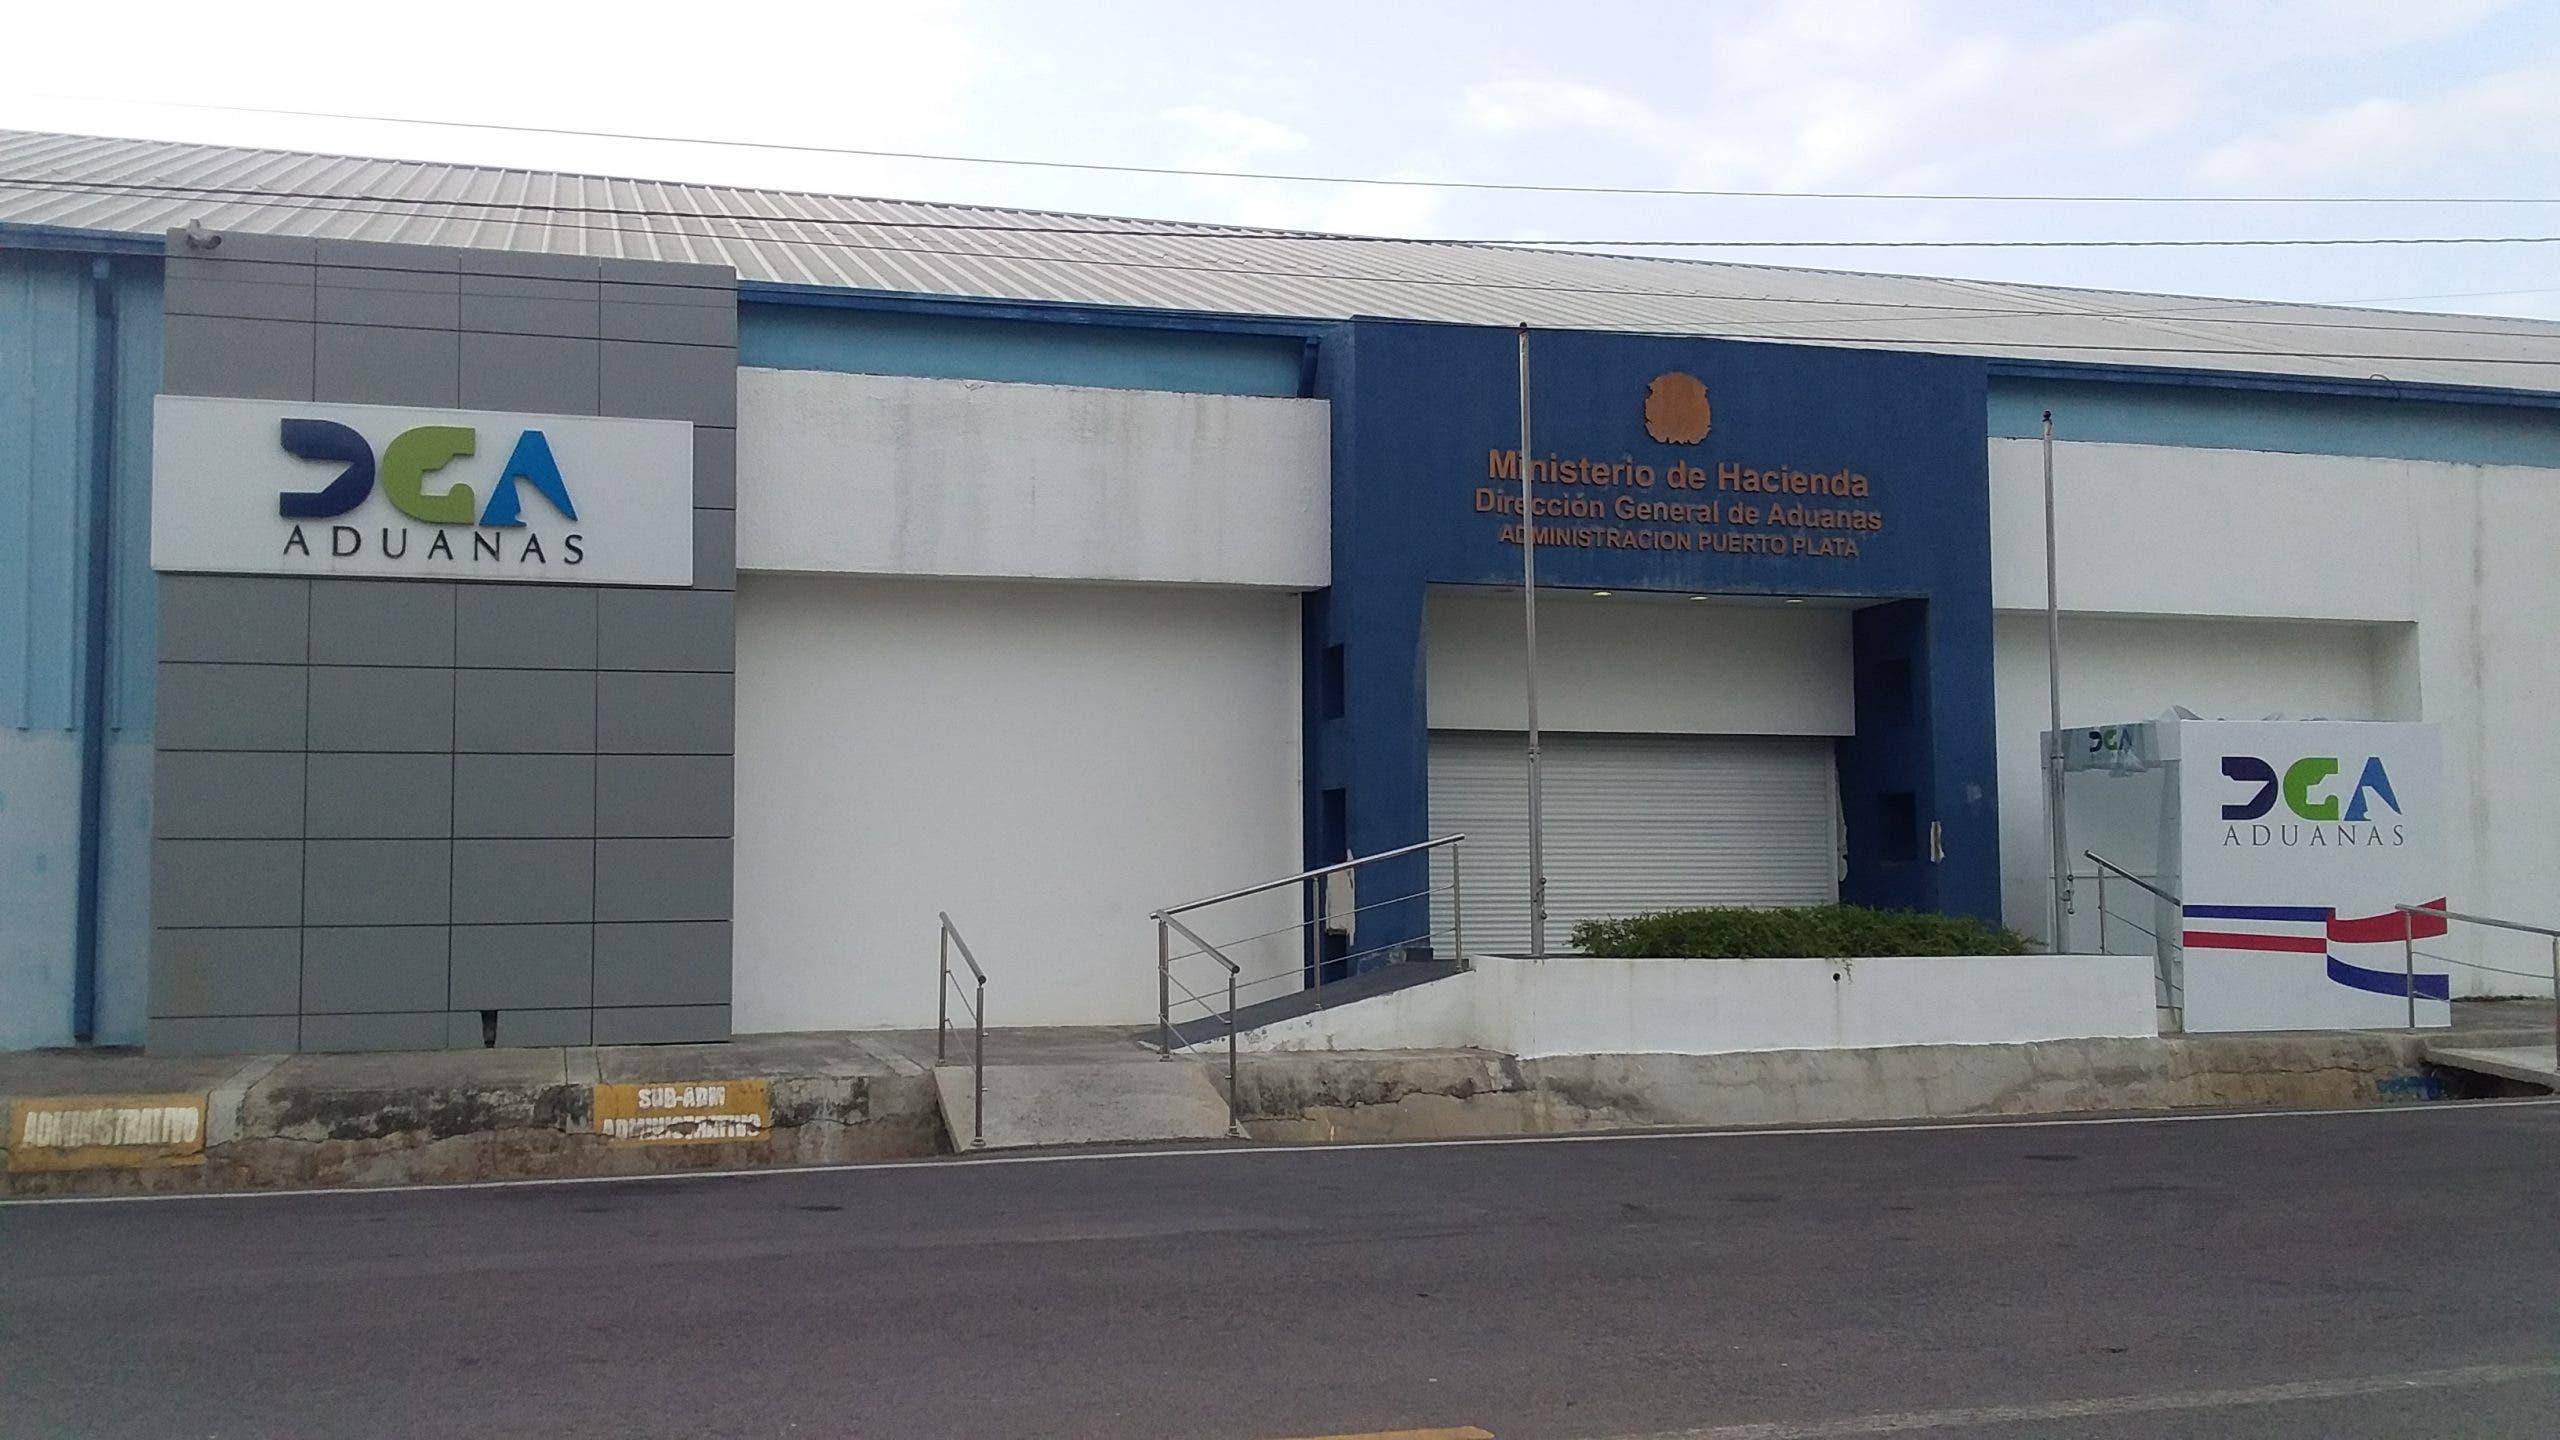 Suspenden del cargo a funcionario de Aduanas acusado de violación